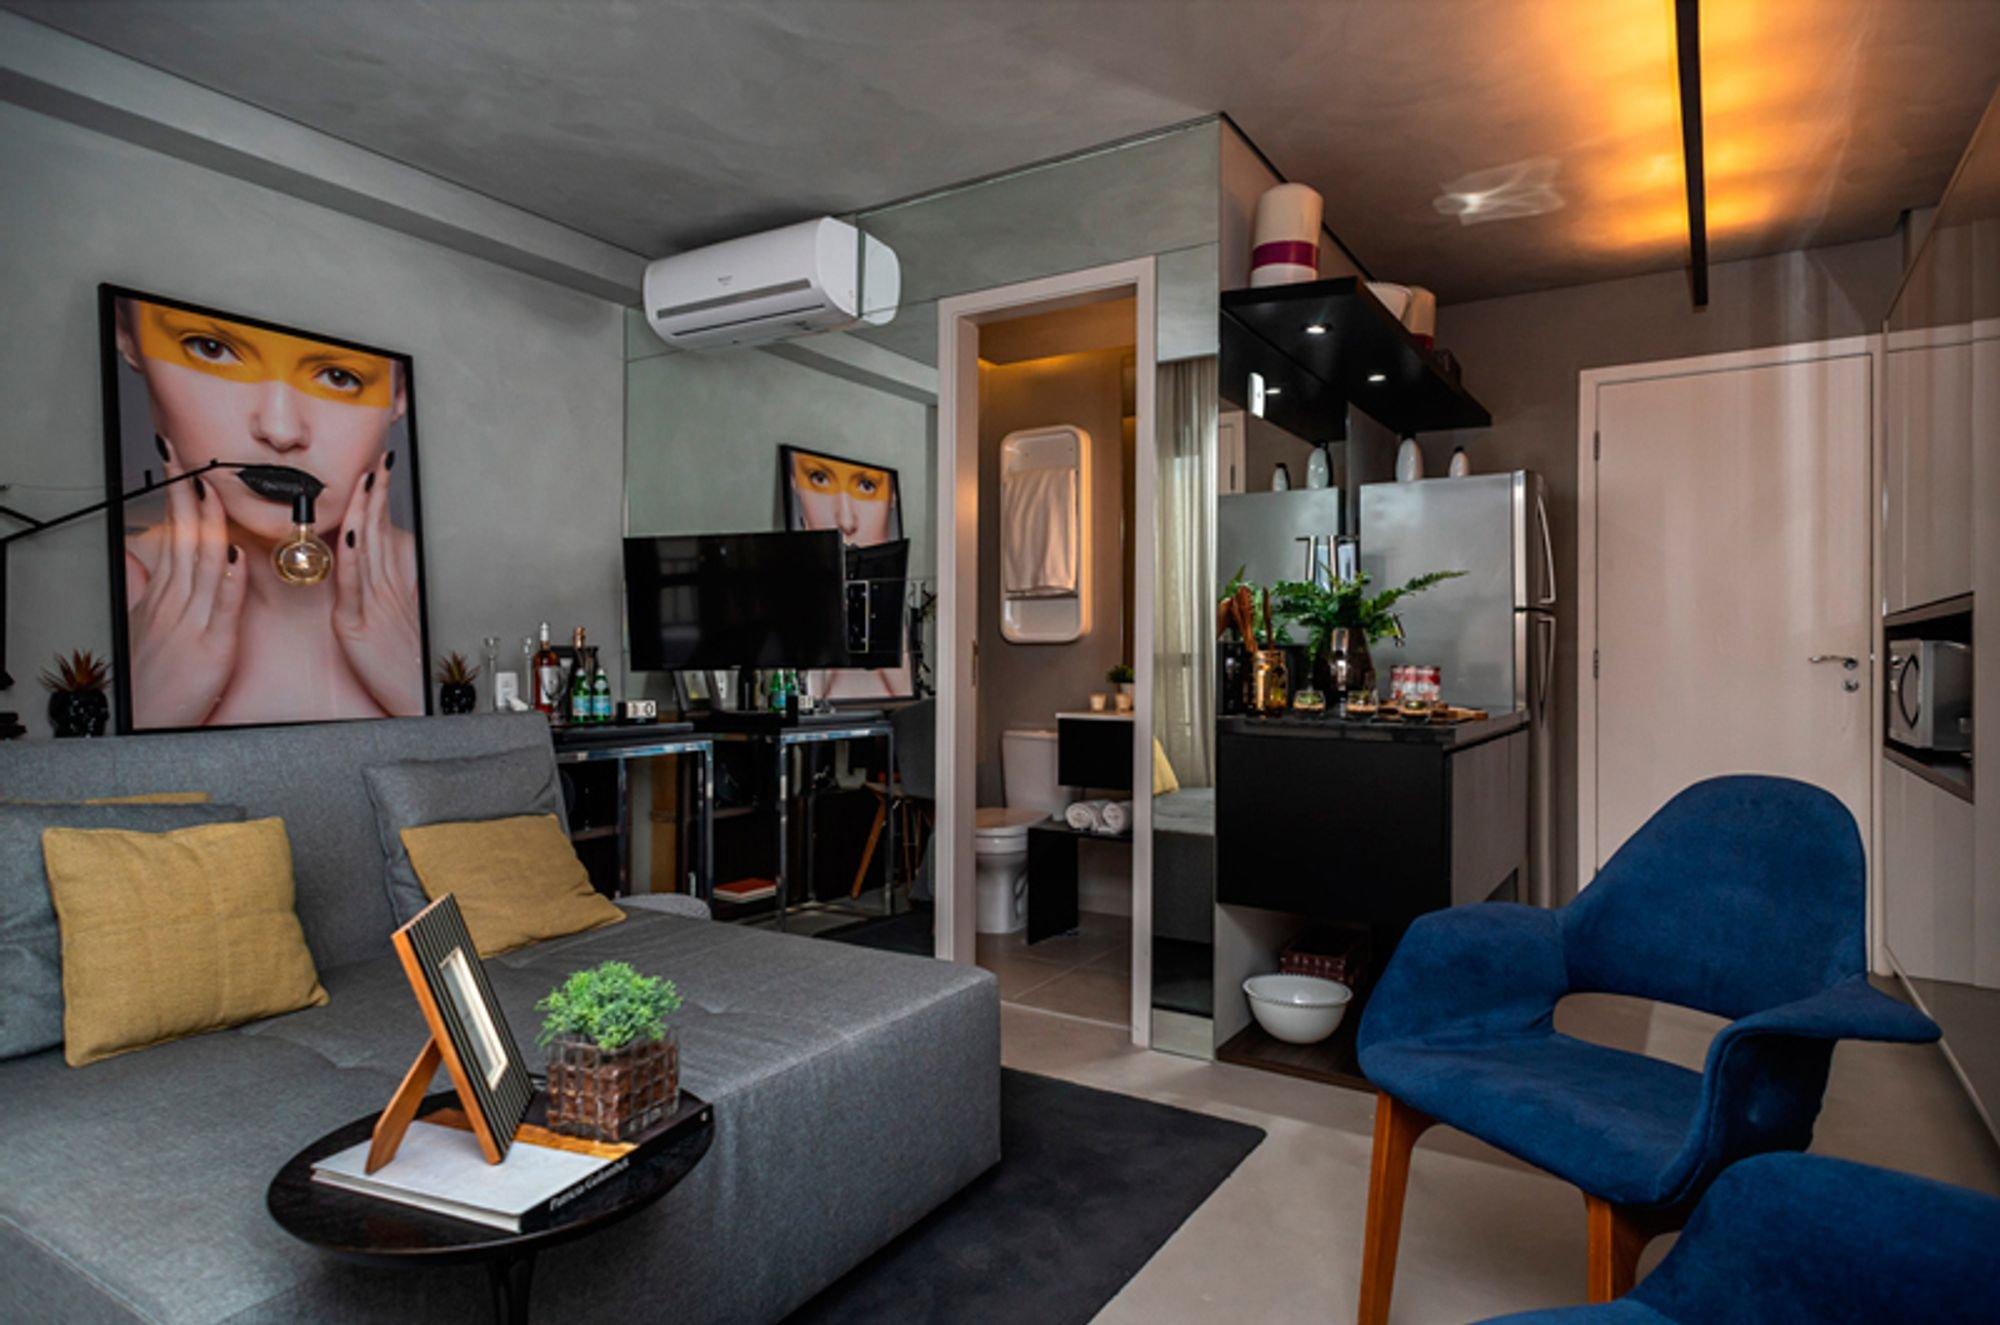 Foto de Sala com vaso de planta, sofá, televisão, vaso, tigela, cadeira